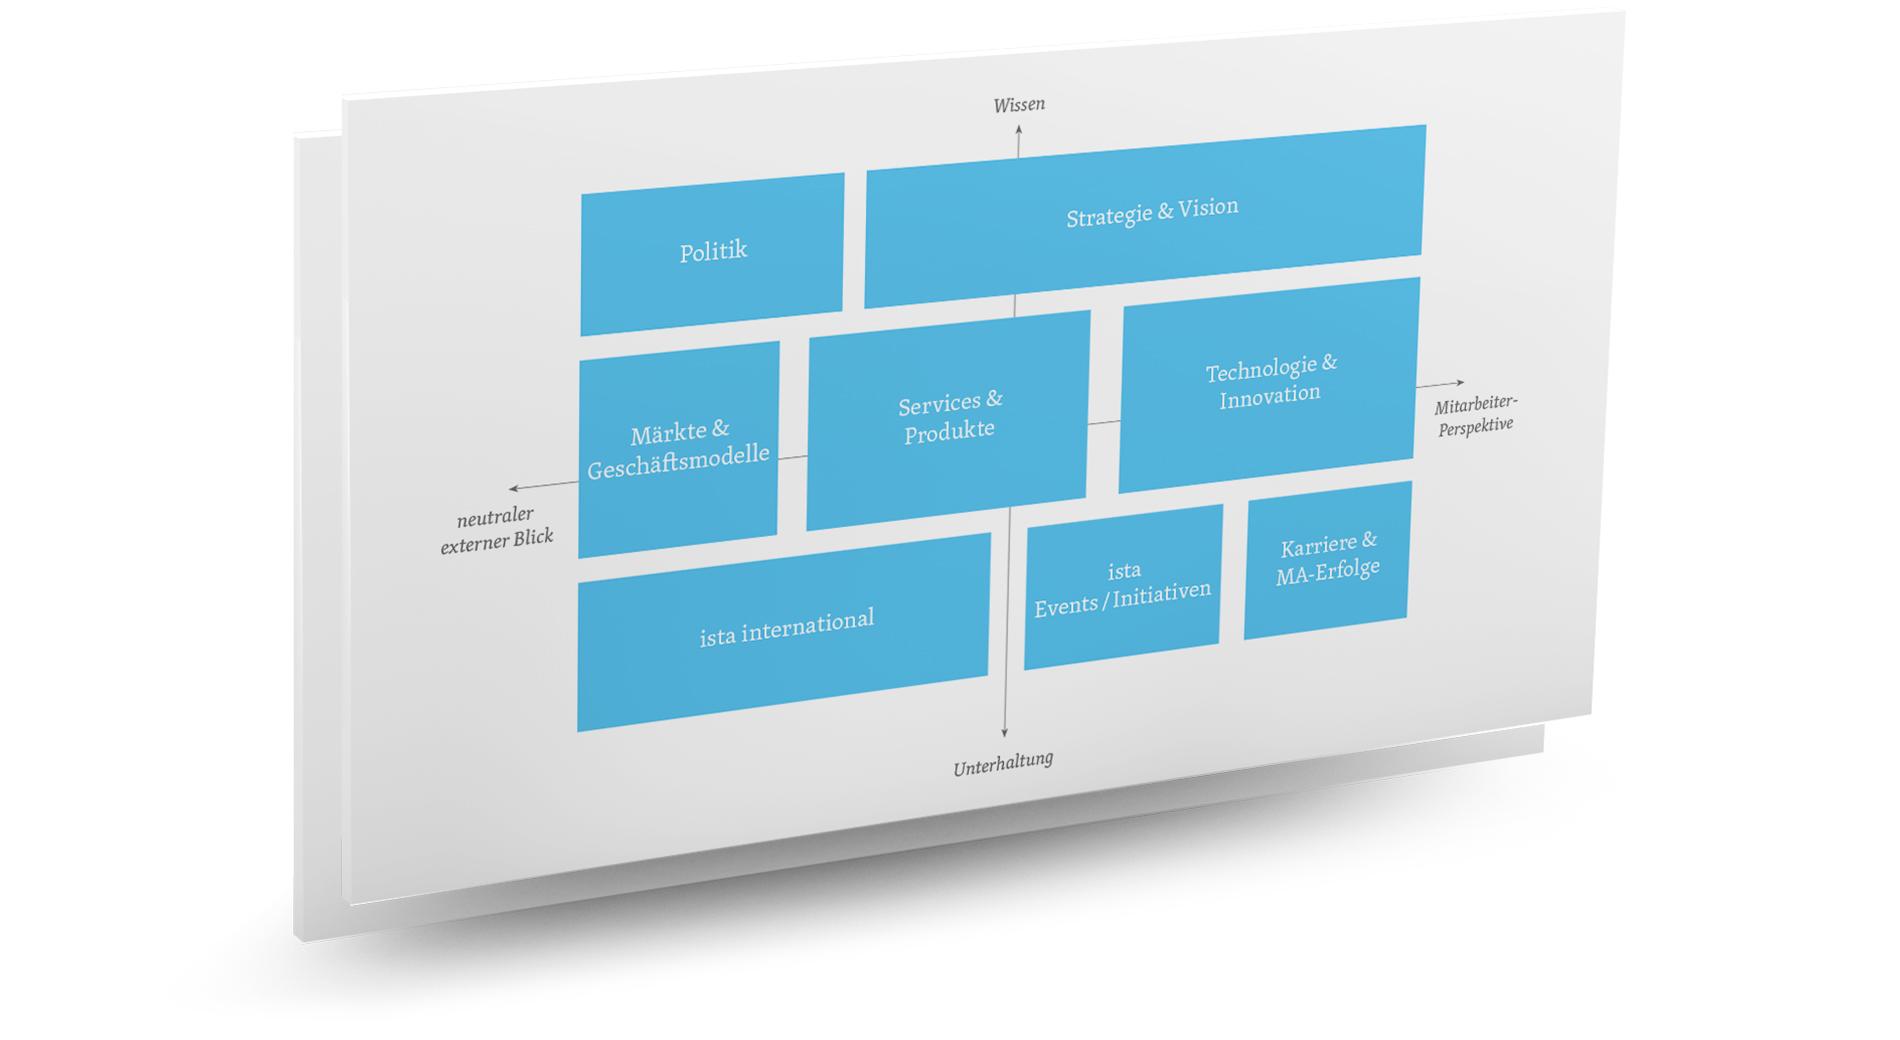 Zielgruppen und ihre Interessensschwerpunkte  definieren die Struktur